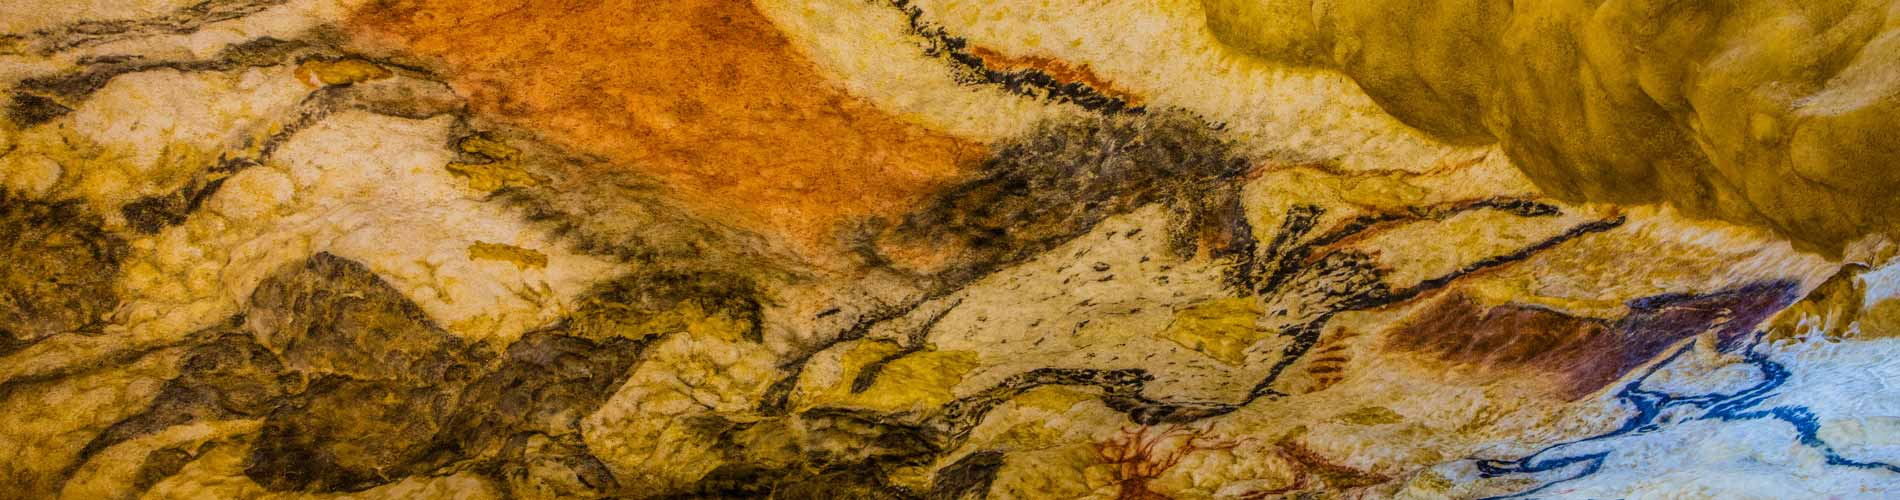 Campsite Lascaux - Holiday rental 4 stars campsite Lascaux caves